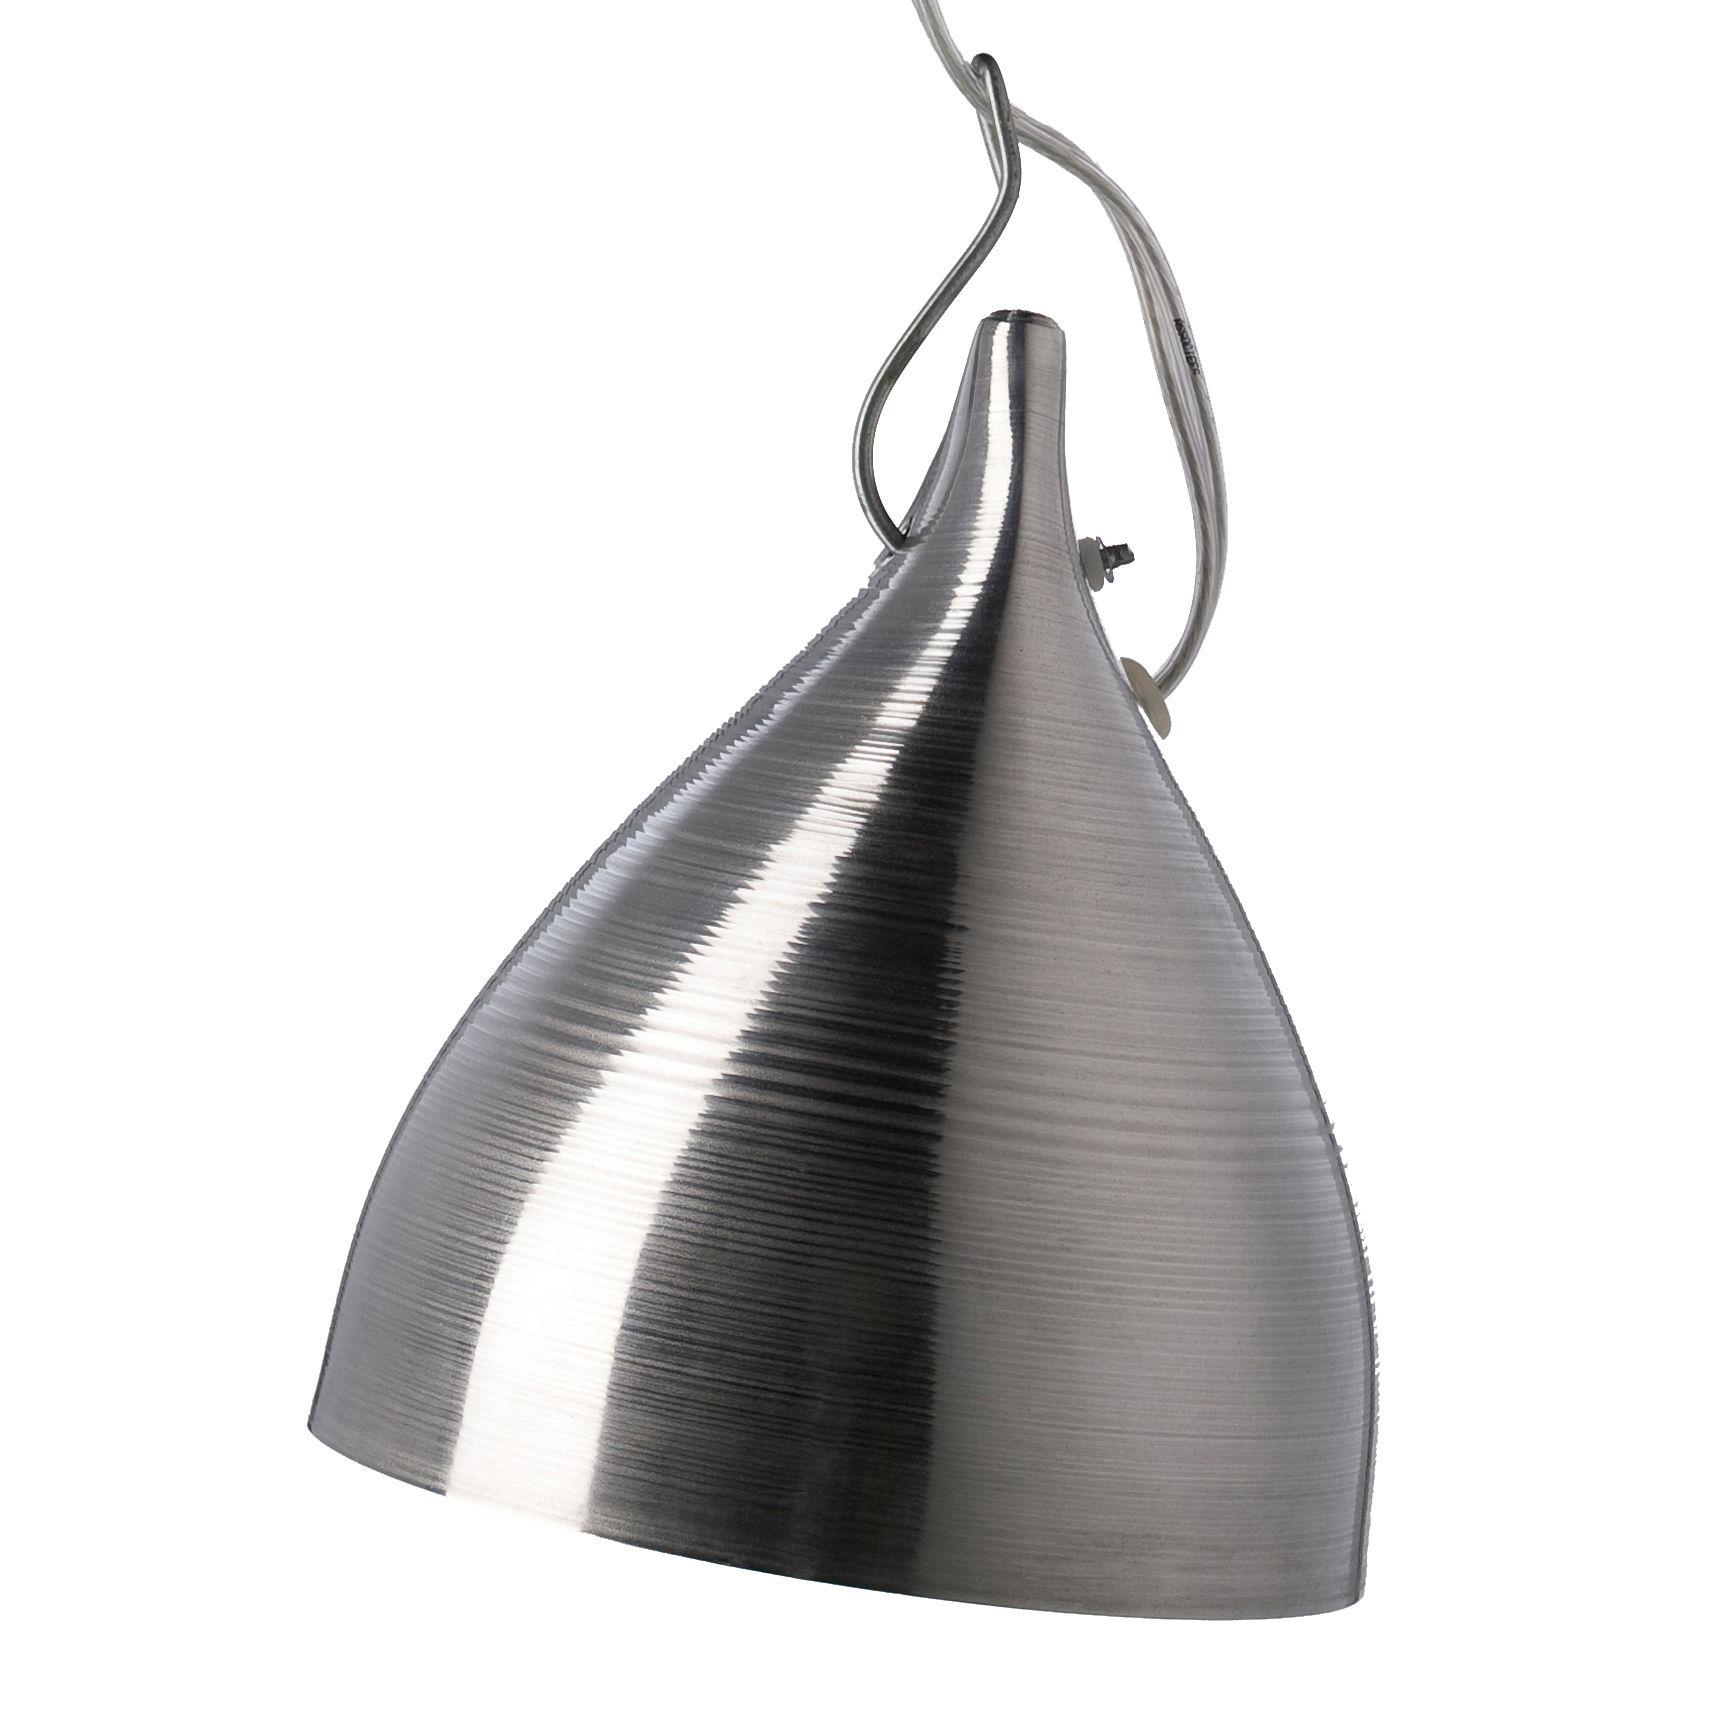 Leuchten - Pendelleuchten - Cornette Pendelleuchte einfarbige Ausführung - Ø 15 cm x H 18 cm - Tsé-Tsé - Aluminium einfarbig - eloxiertes Aluminium